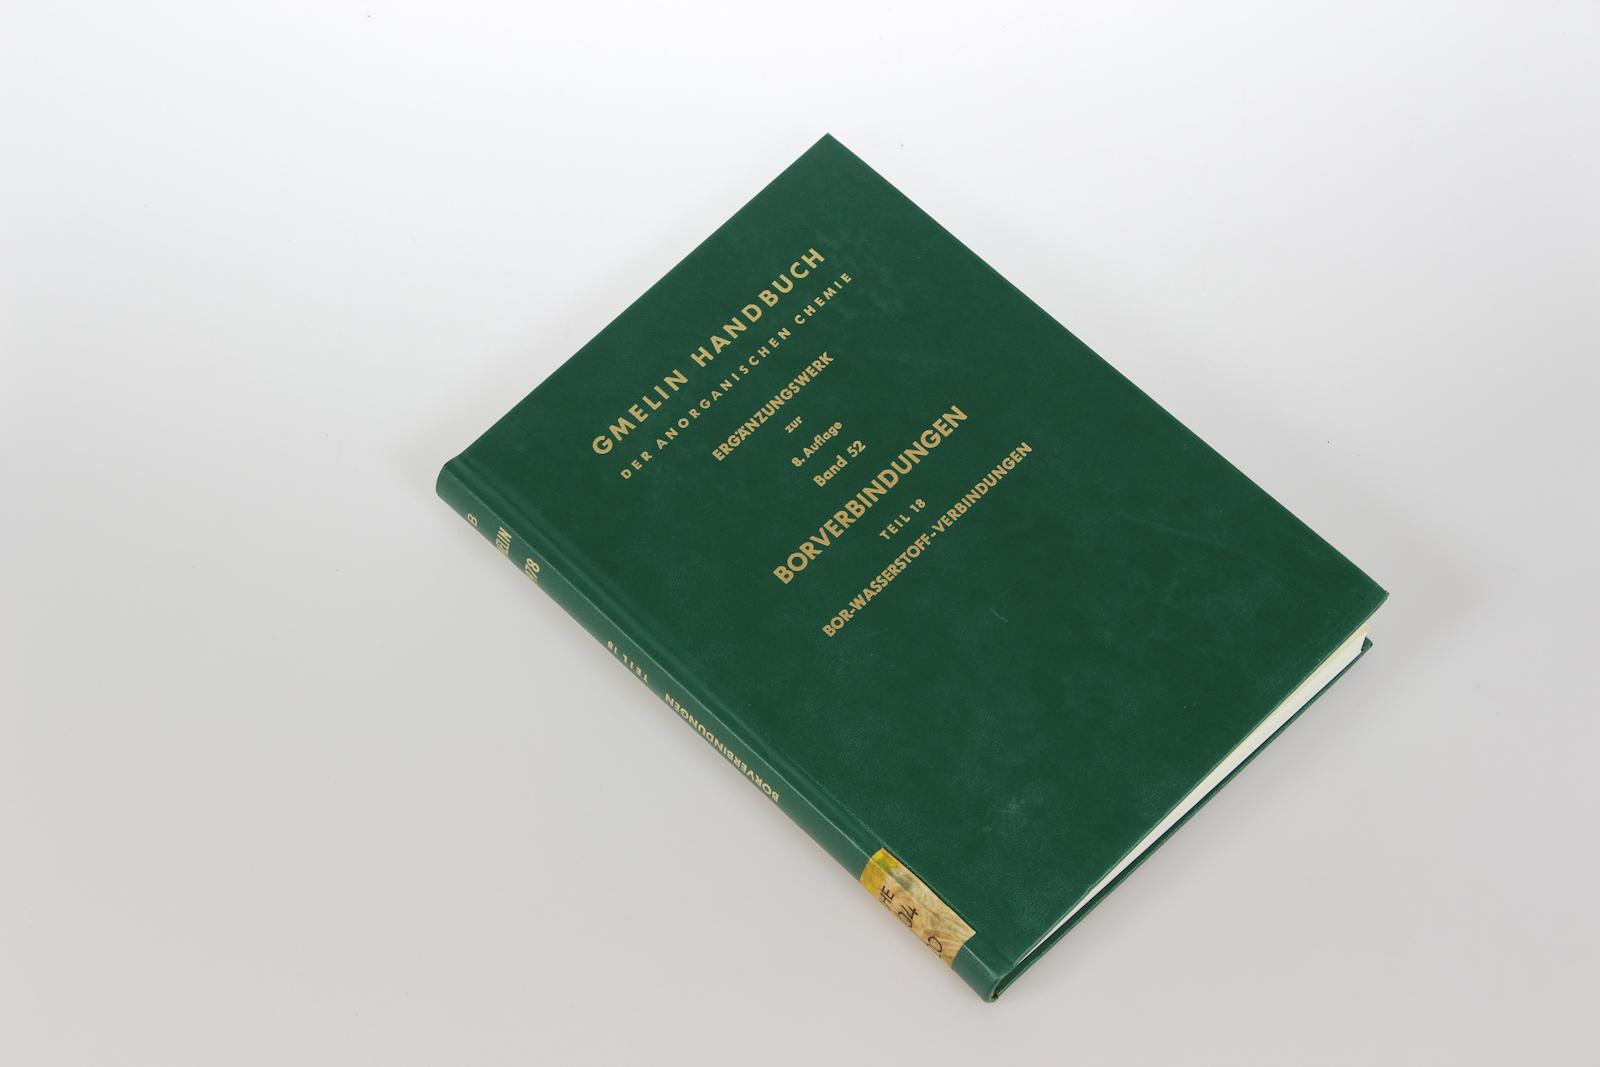 Gmelins Handbuch der Anorganischen Chemie. Ergänzungswerk zur 8. Auflage. Bd.52: Borverbindungen, Teil 18: Bor-Wasserstoff-Verbindungen, Teil 2.